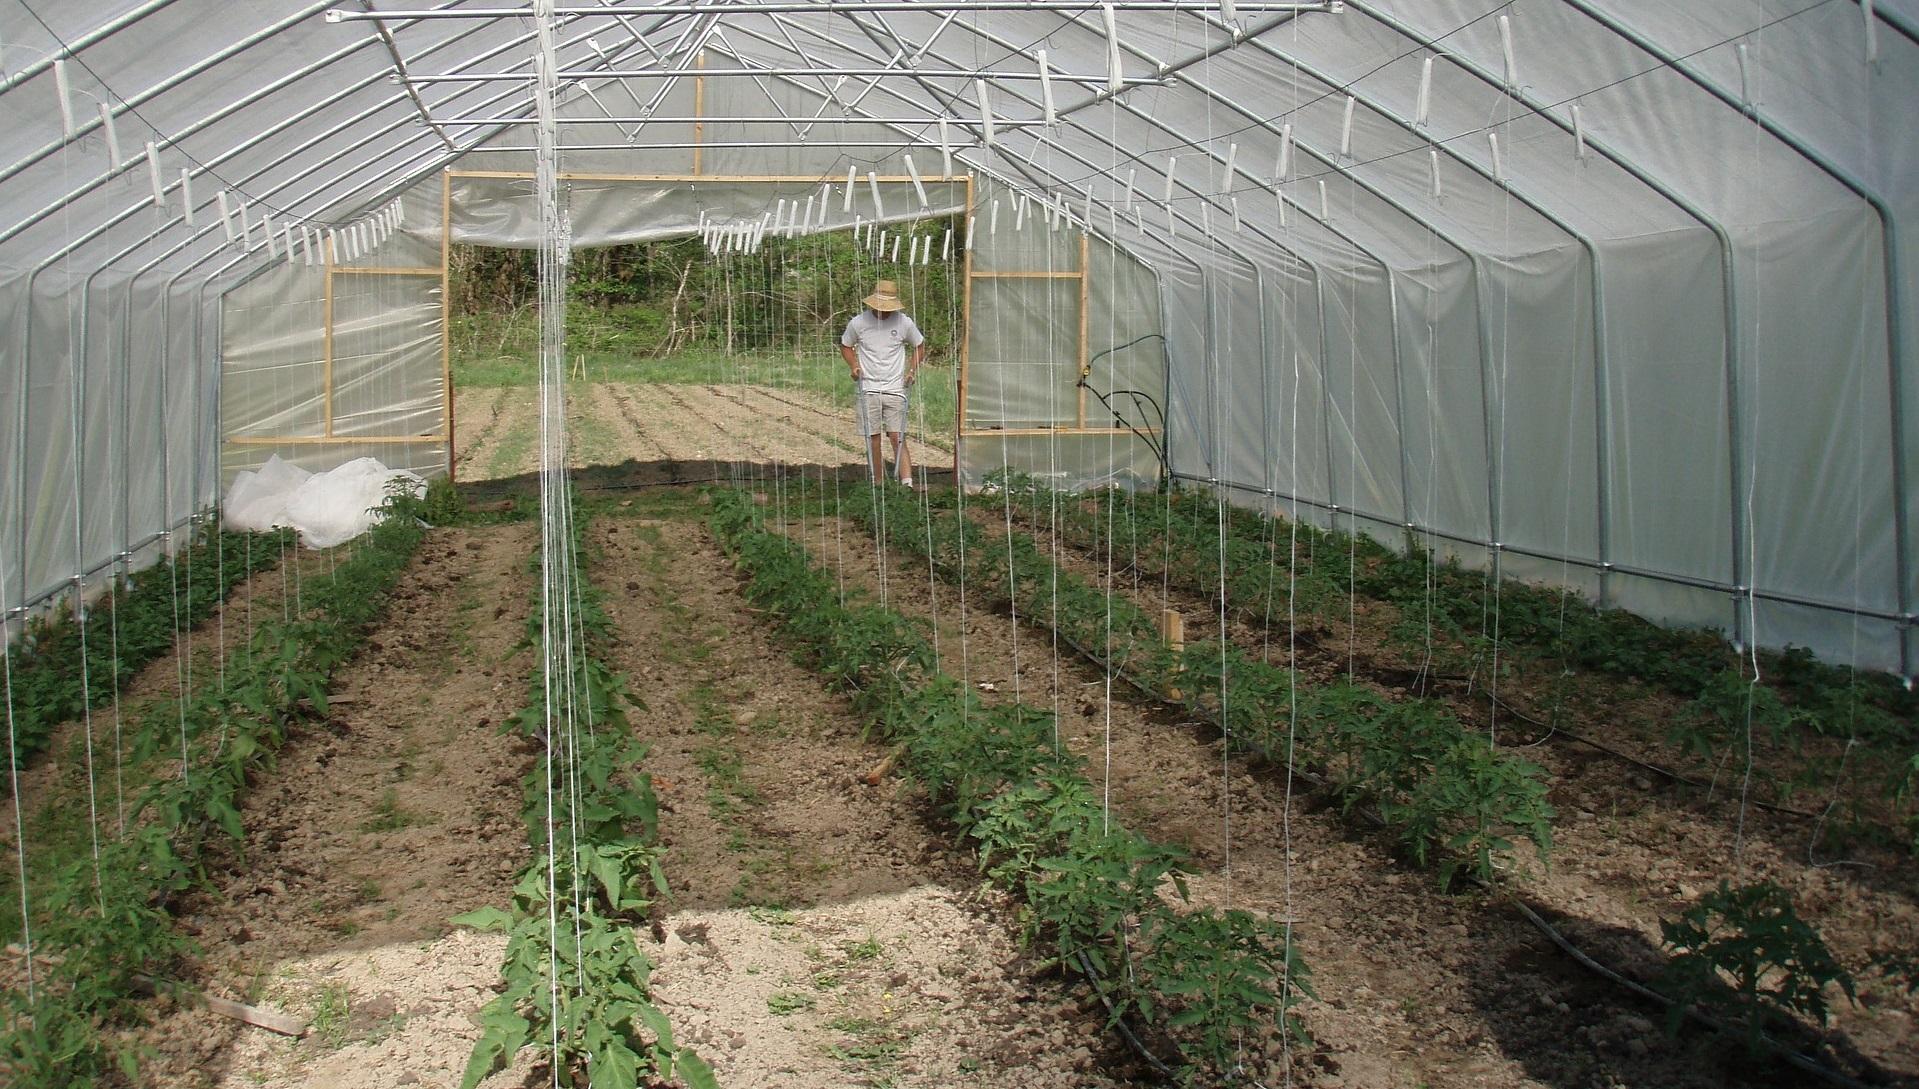 Cómo funcionarán los paneles solares transparentes, diseñados para invernaderos